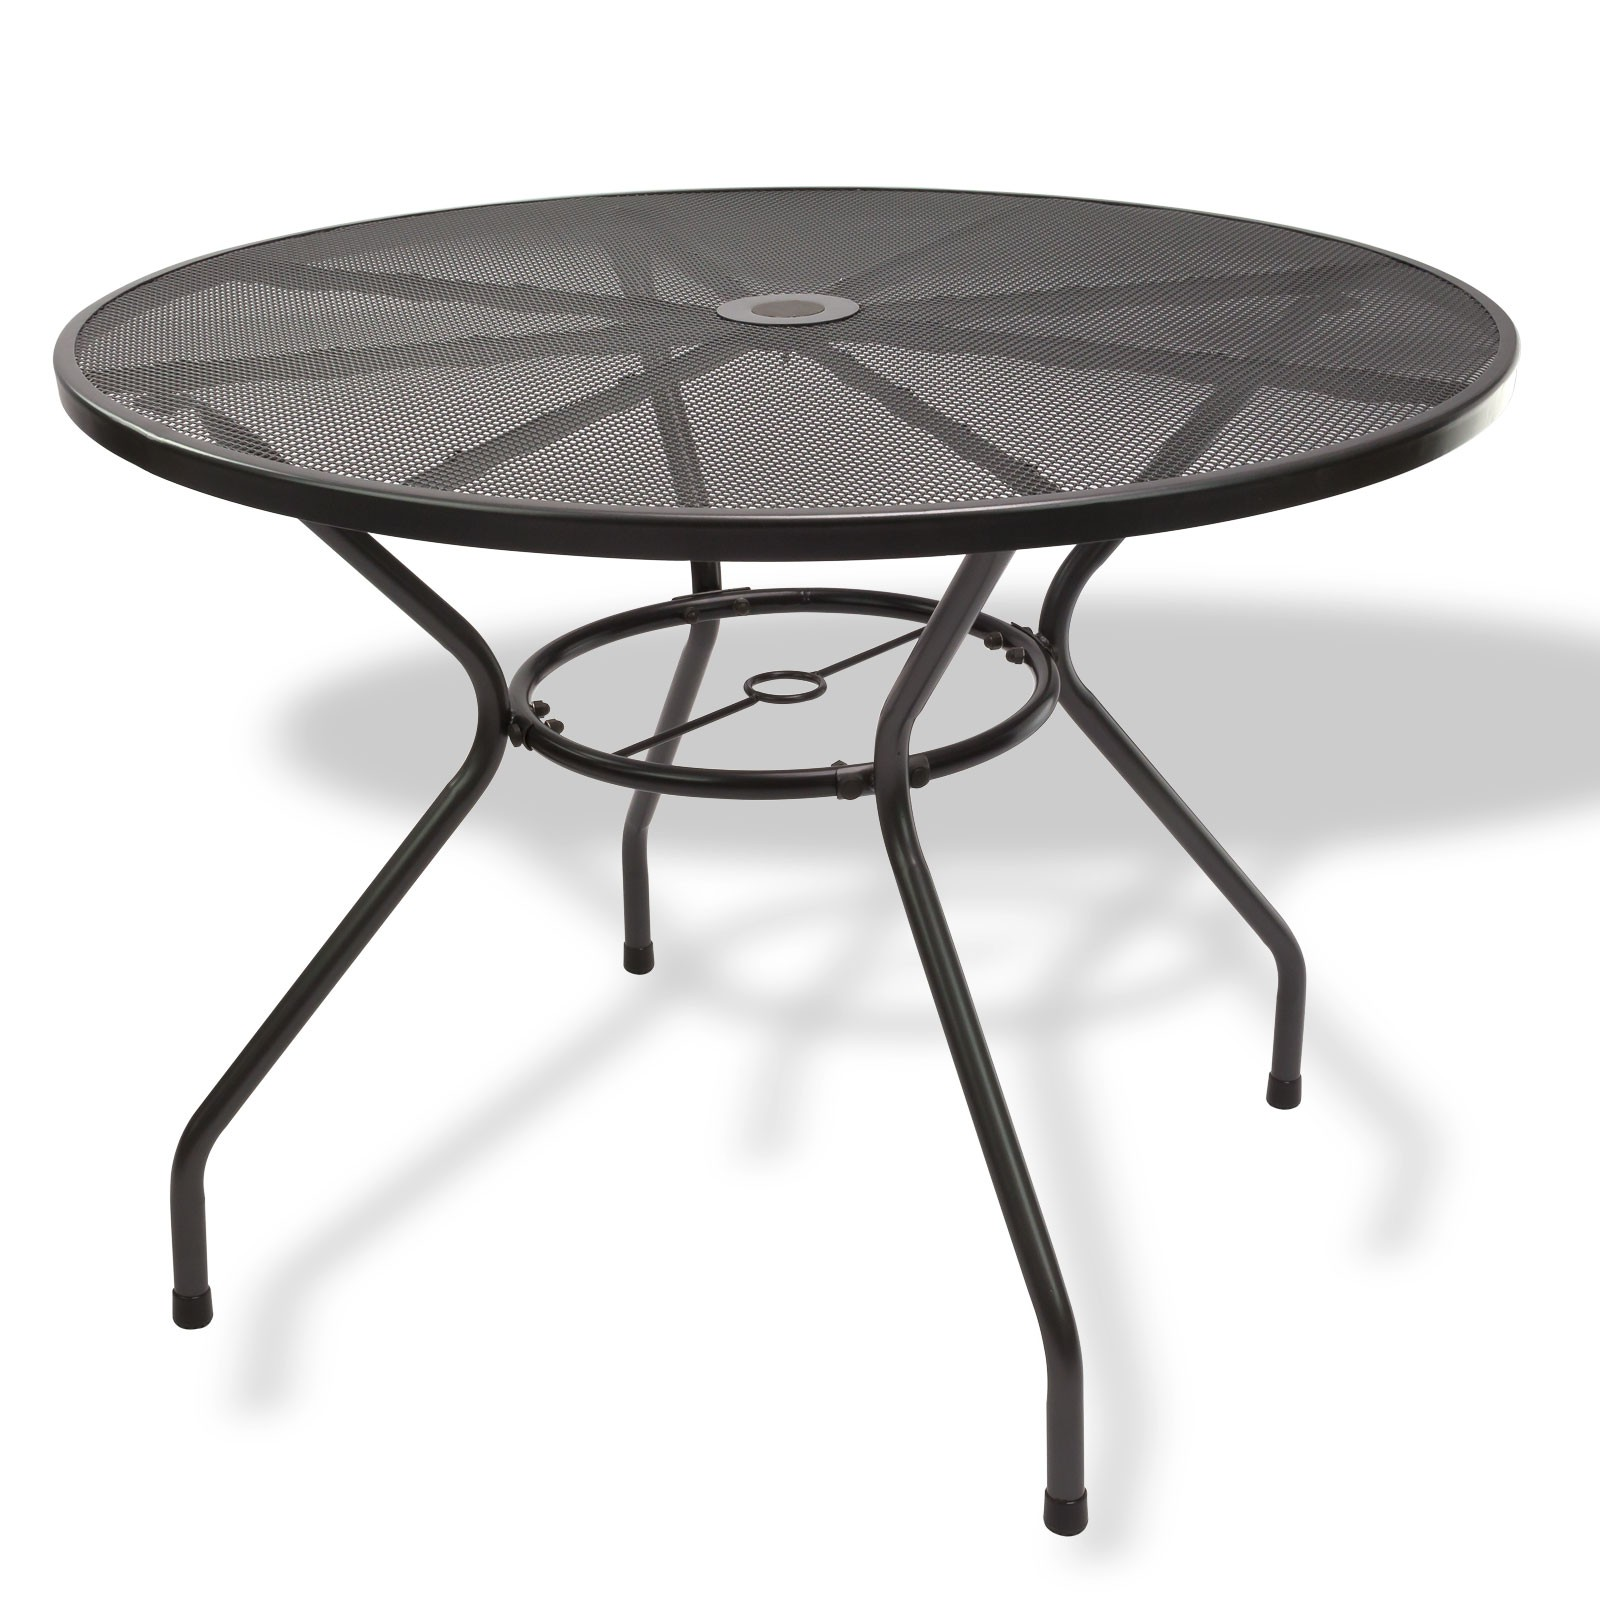 Gartenmobel Metall 1 X Tisch Rund 100x72 4 X Stuhl Set